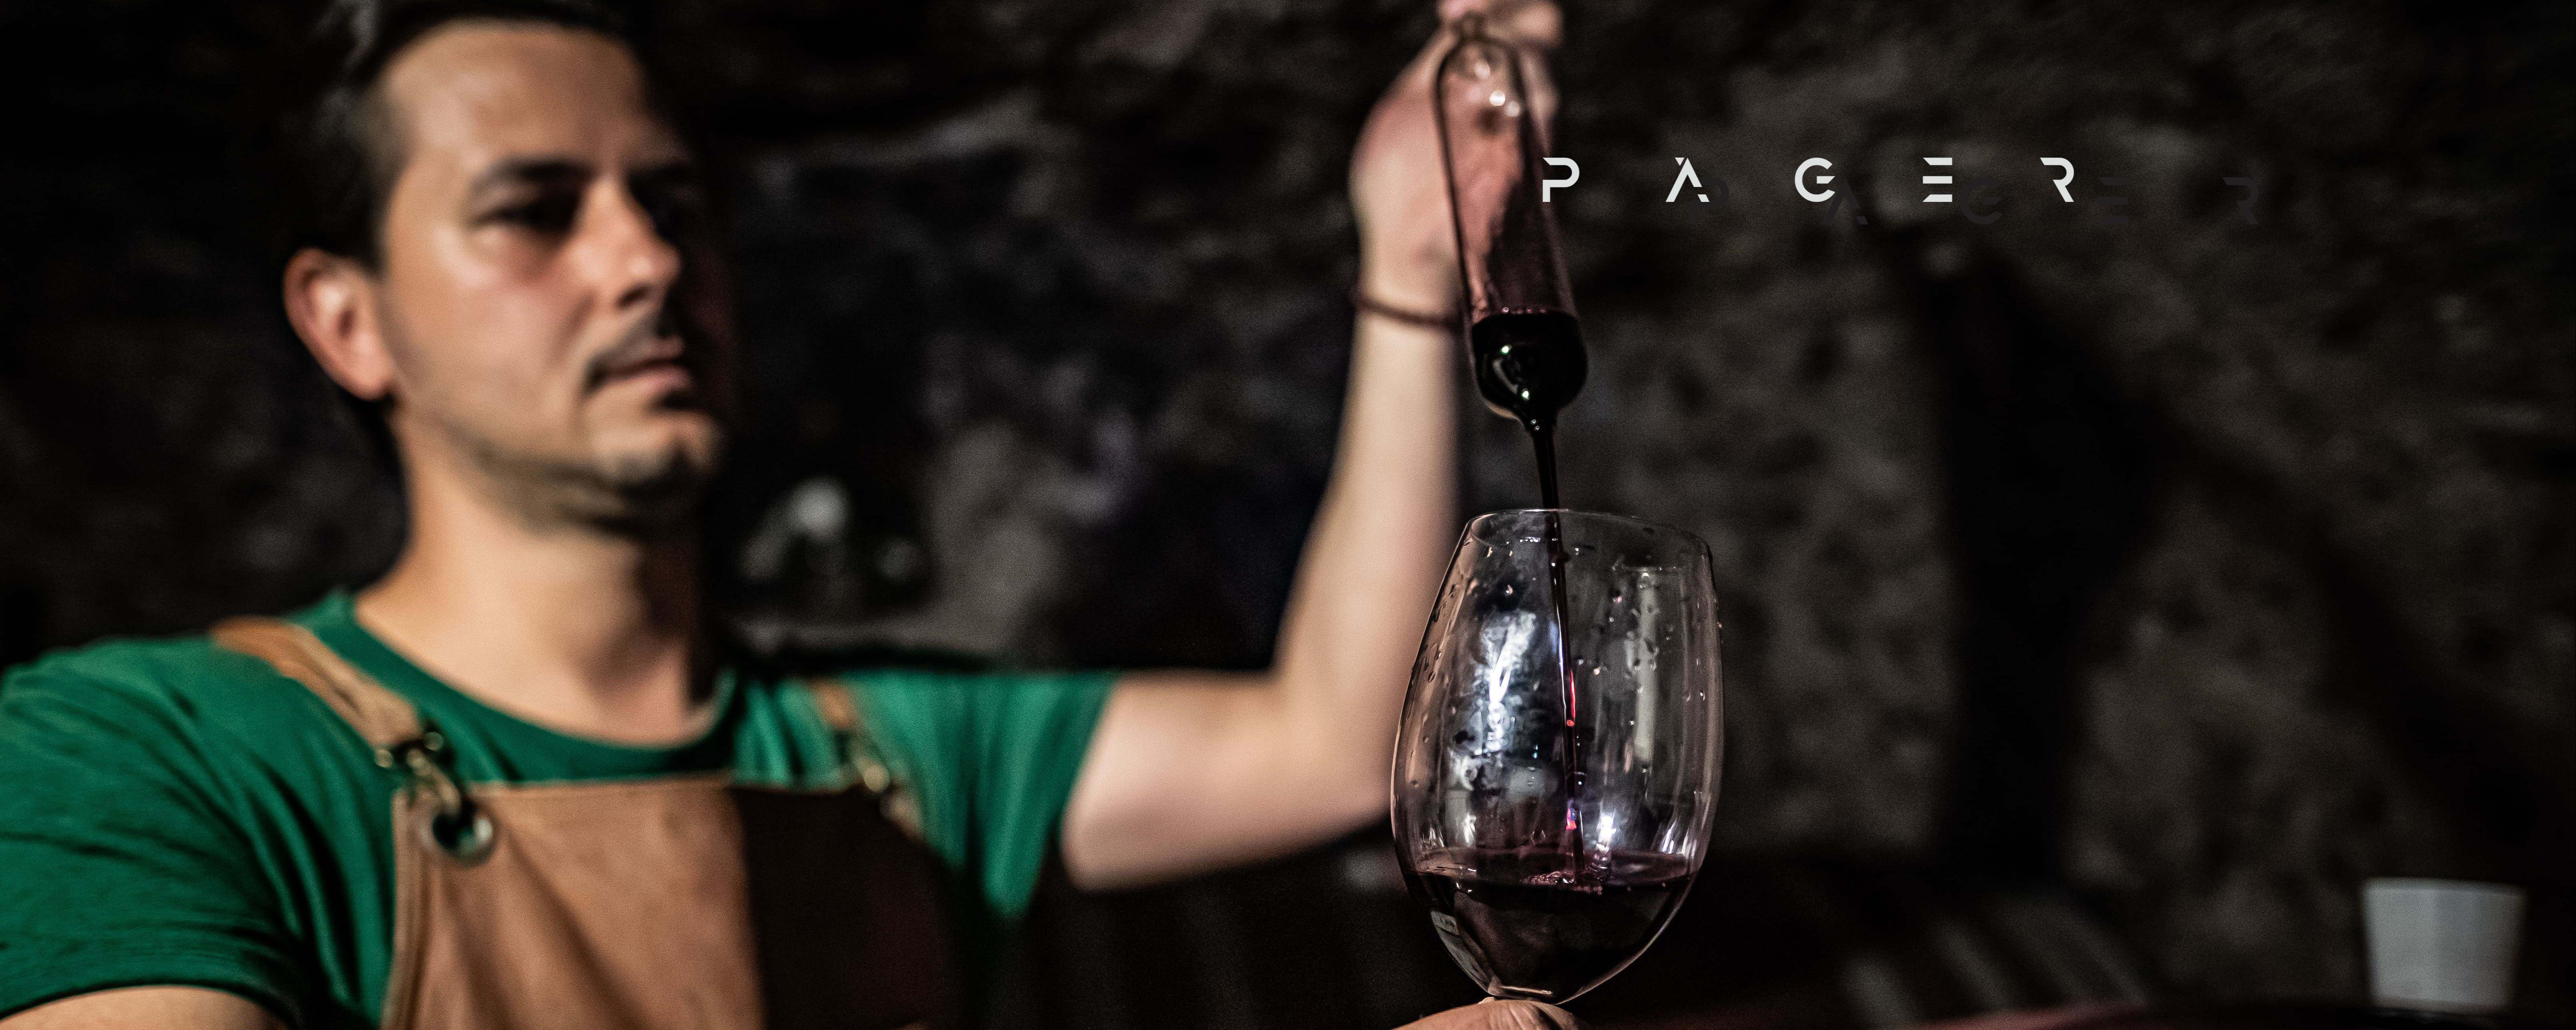 Vörös csomag - Páger Pince